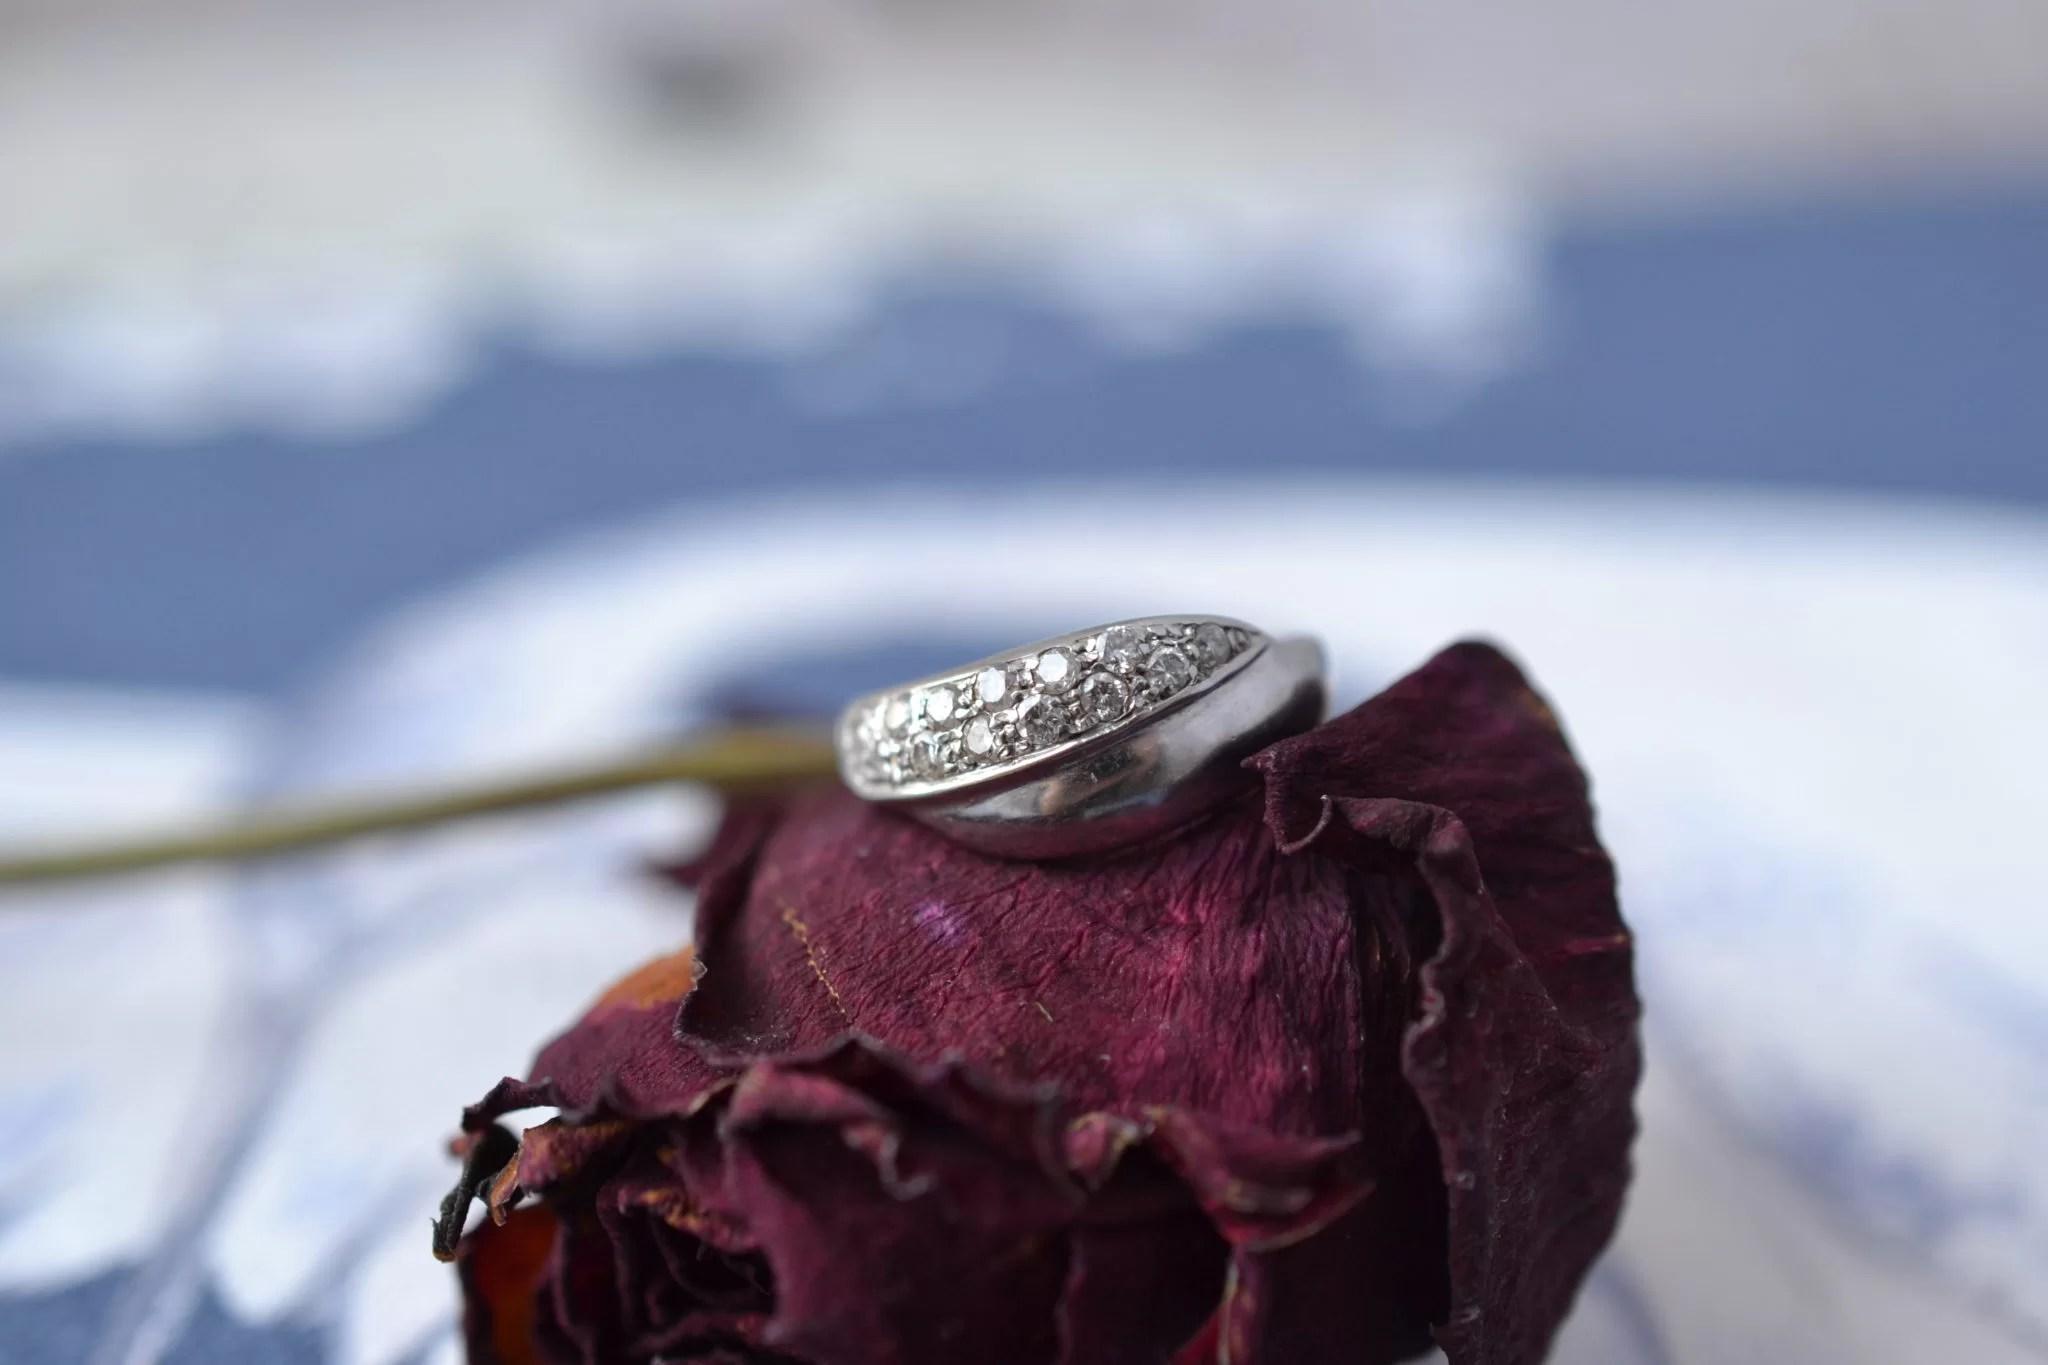 Bague lien croisé en Or rhodié sertie de diamants - bague ancienne